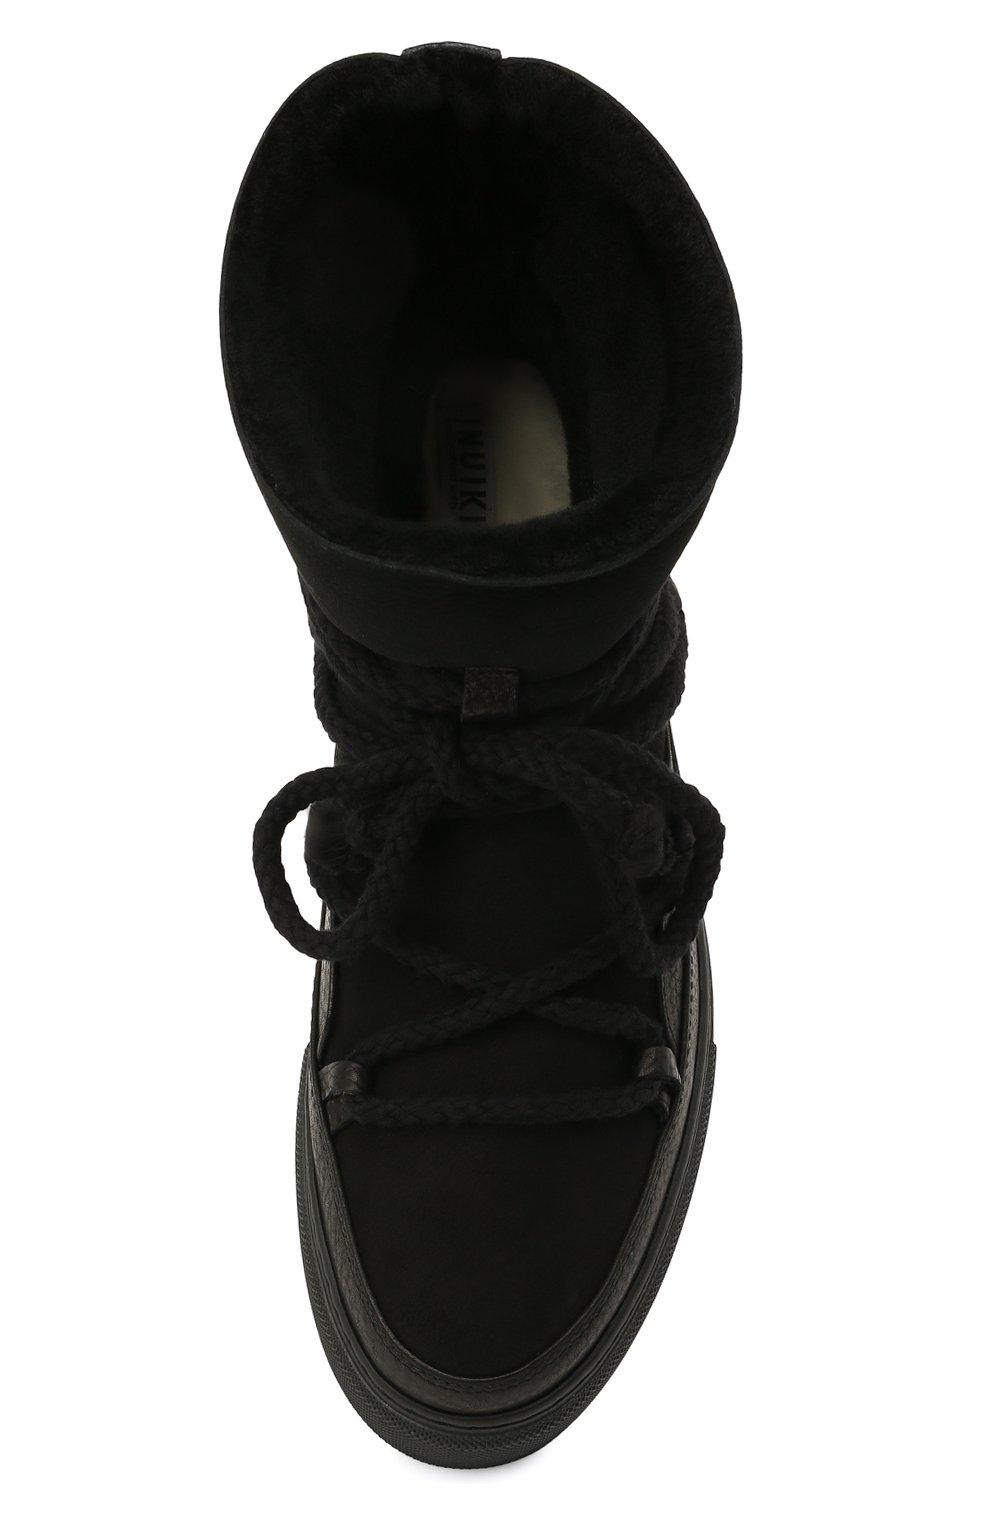 Мужские замшевые сапоги INUIKII черного цвета, арт. 50202-1 | Фото 5 (Материал внешний: Кожа, Замша; Материал утеплителя: Натуральный мех, Овчина; Мужское Кросс-КТ: зимние сапоги, Сапоги-обувь; Статус проверки: Проверено, Проверена категория; Подошва: Массивная)